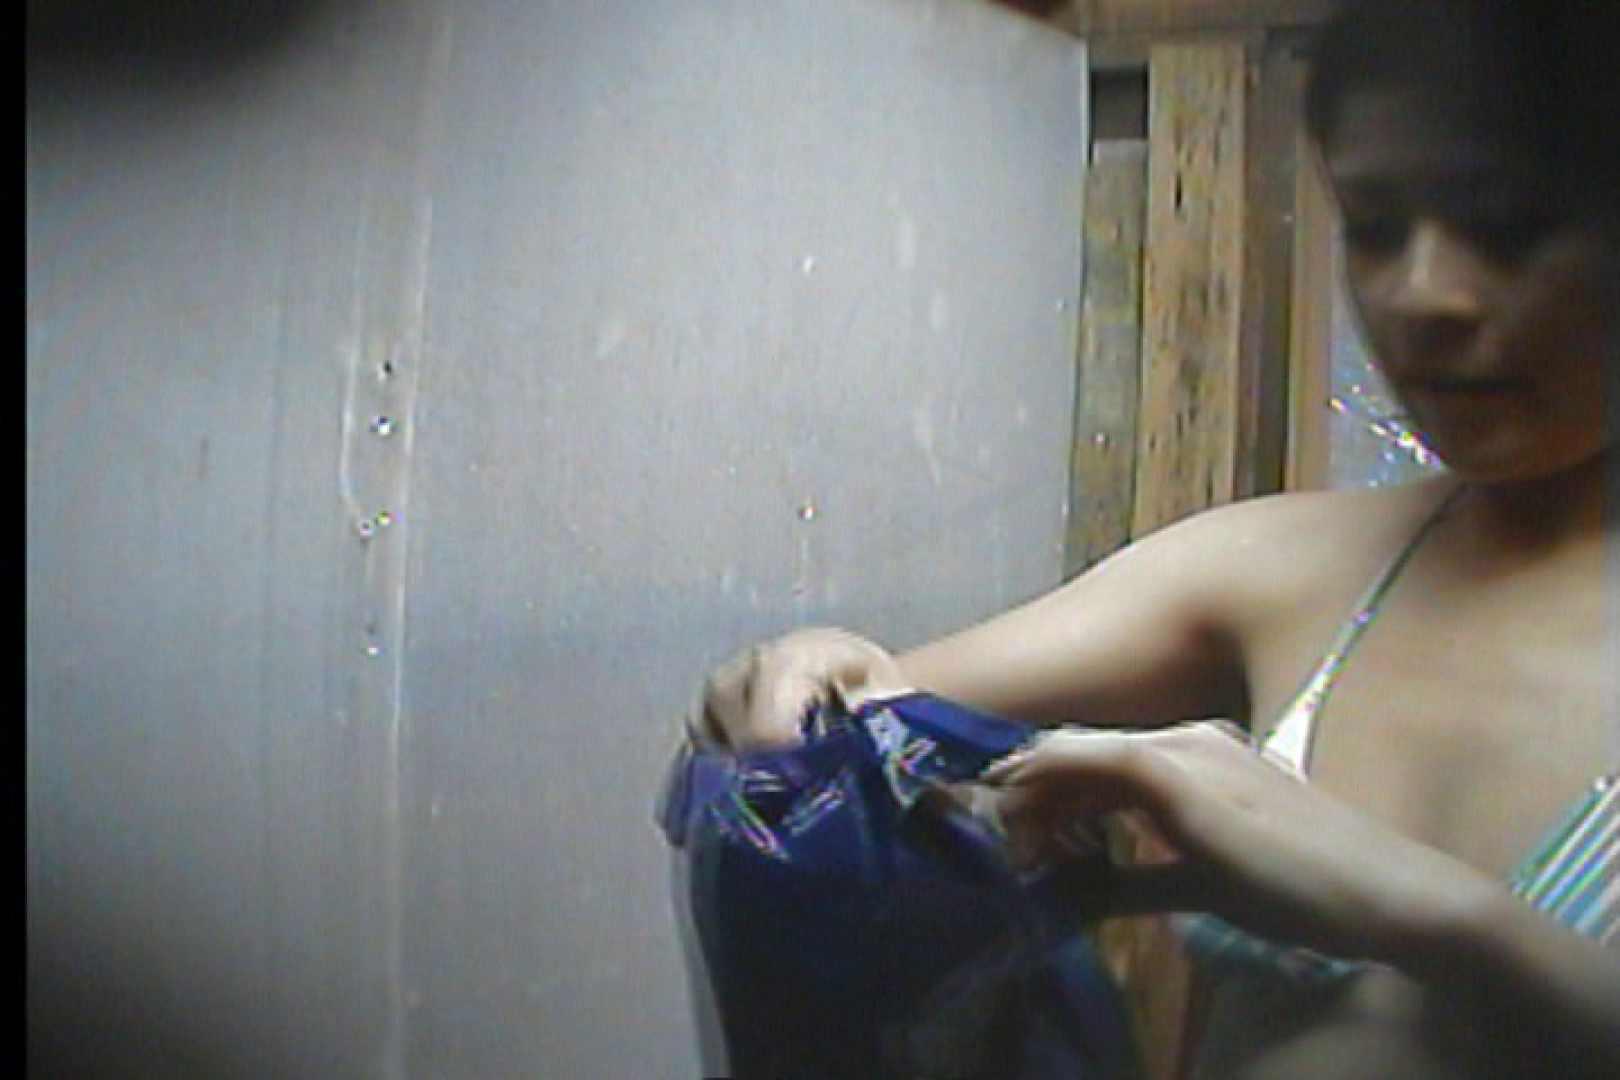 海の家の更衣室 Vol.19 シャワー中   OL  88連発 1